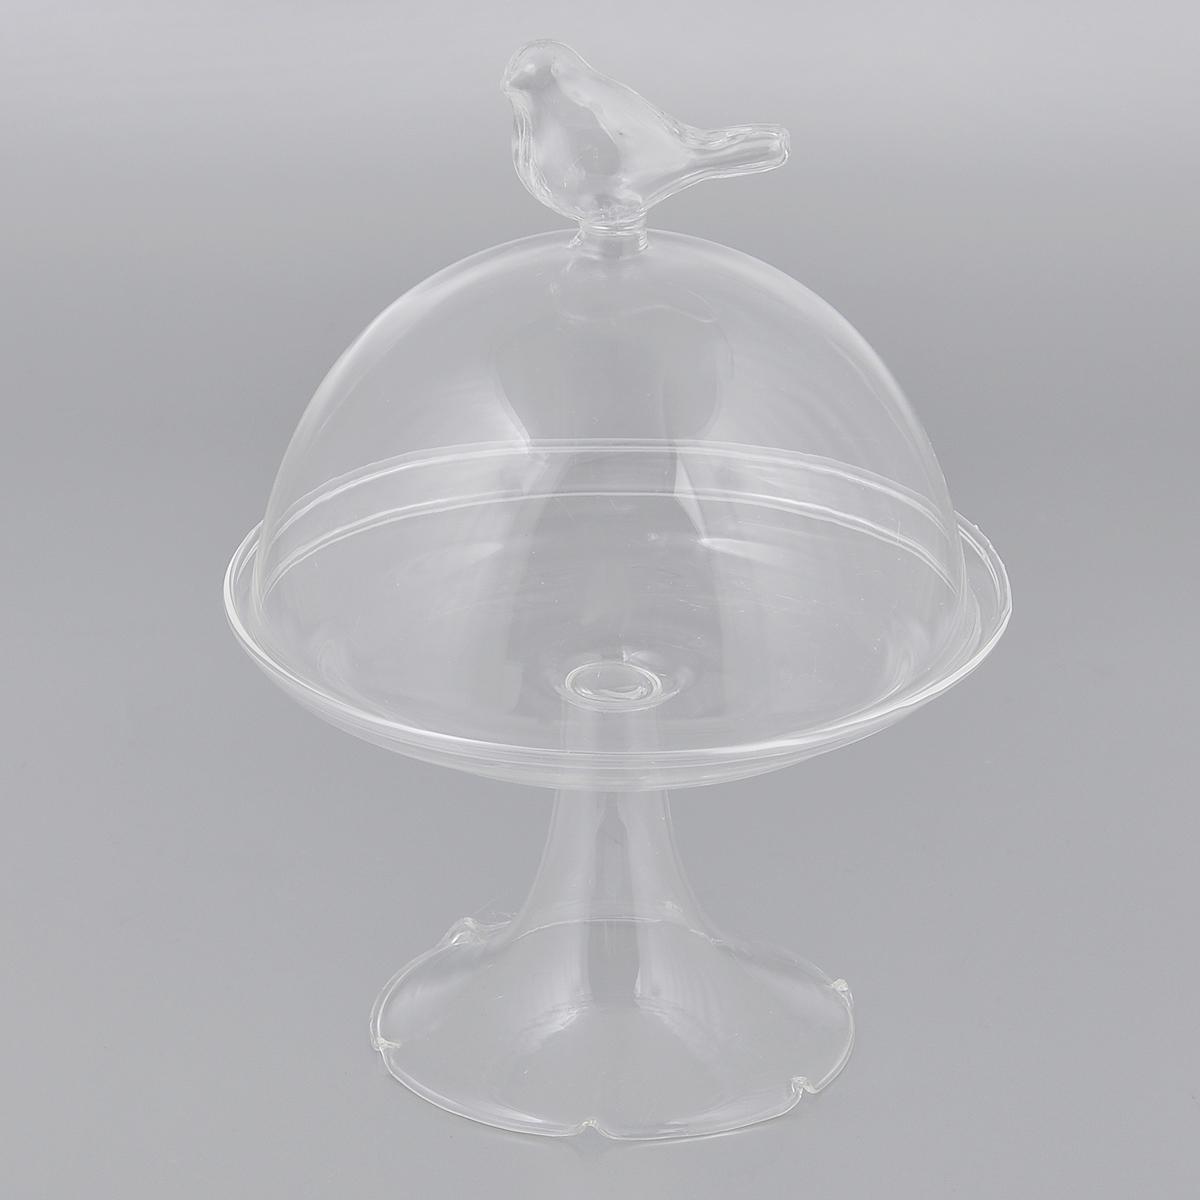 Пирожница c куполом Dolce Arti Птичка, диаметр 15,5 смDA010107Пирожница c куполом Dolce Arti изготовлена из прозрачного стекла. Изделие представляет собой изящную тарелочку на ножке и крышку-купол, украшенную фигуркой птички. Такая пирожница может использоваться как столовая посуда для хранения пирожных, конфет и сладостей, а также прекрасно подойдет как декоративный элемент. Изделие по своему усмотрению можно задекорировать в техниках декупаж или роспись. Также подходит для различных творческих изделий во флористических и других композициях. Диаметр тарелочки: 15,5 см. Высота пирожницы (с куполом): 21 см.